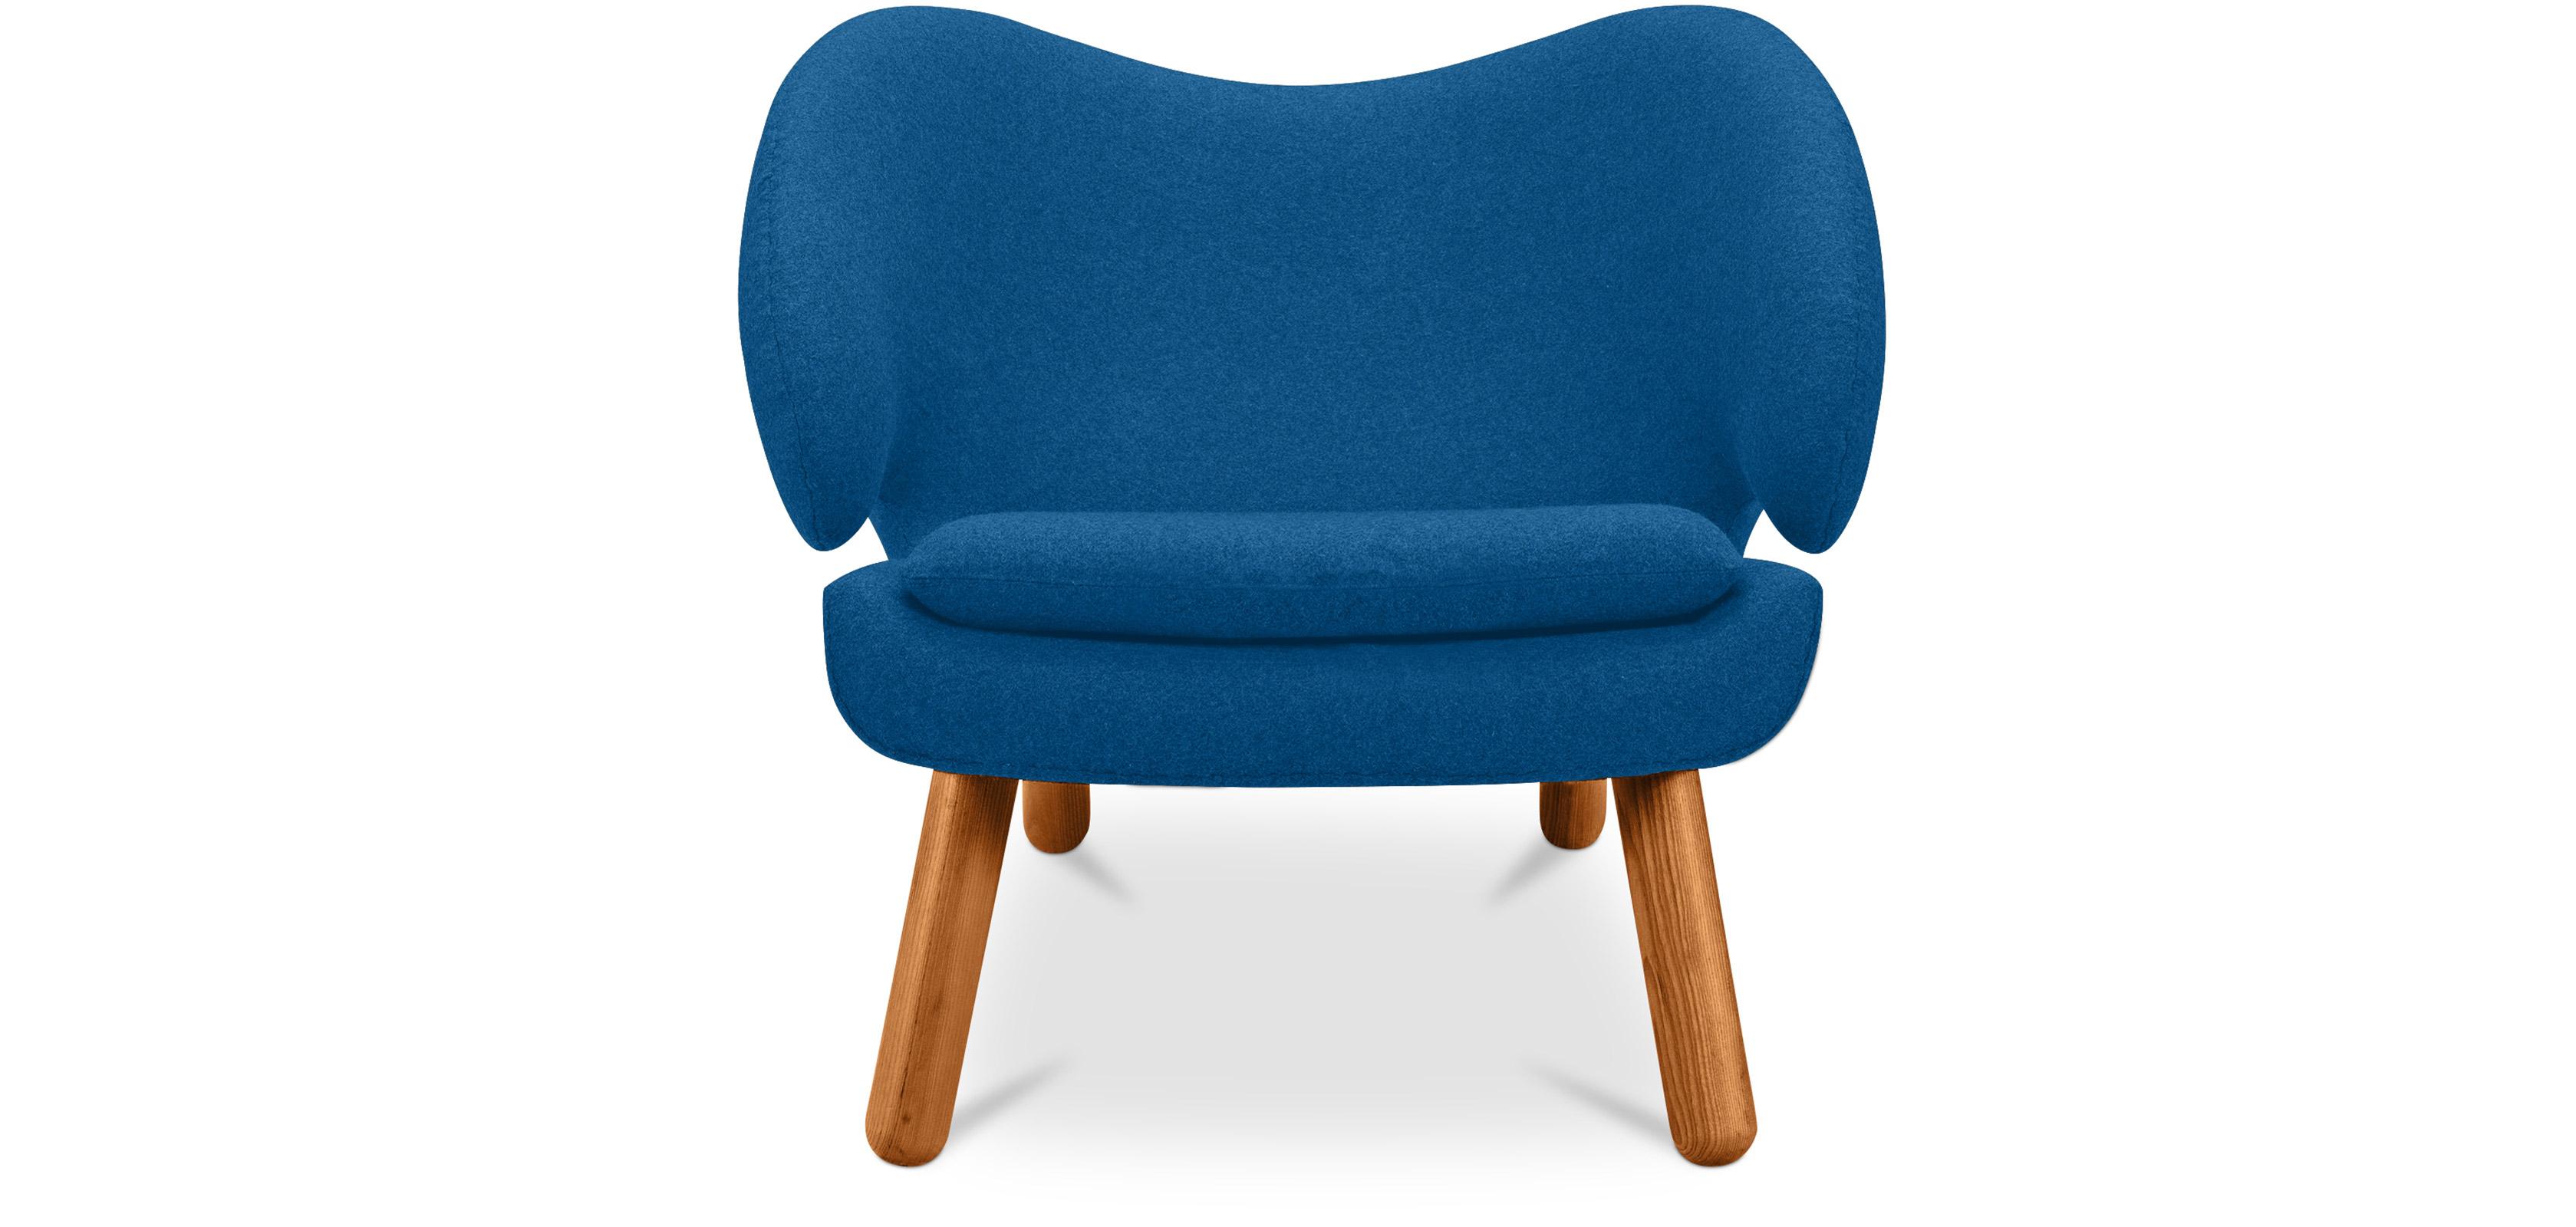 Fauteuil de salon p lican design scandinave style finn juhl tissu - Fauteuils salon design ...